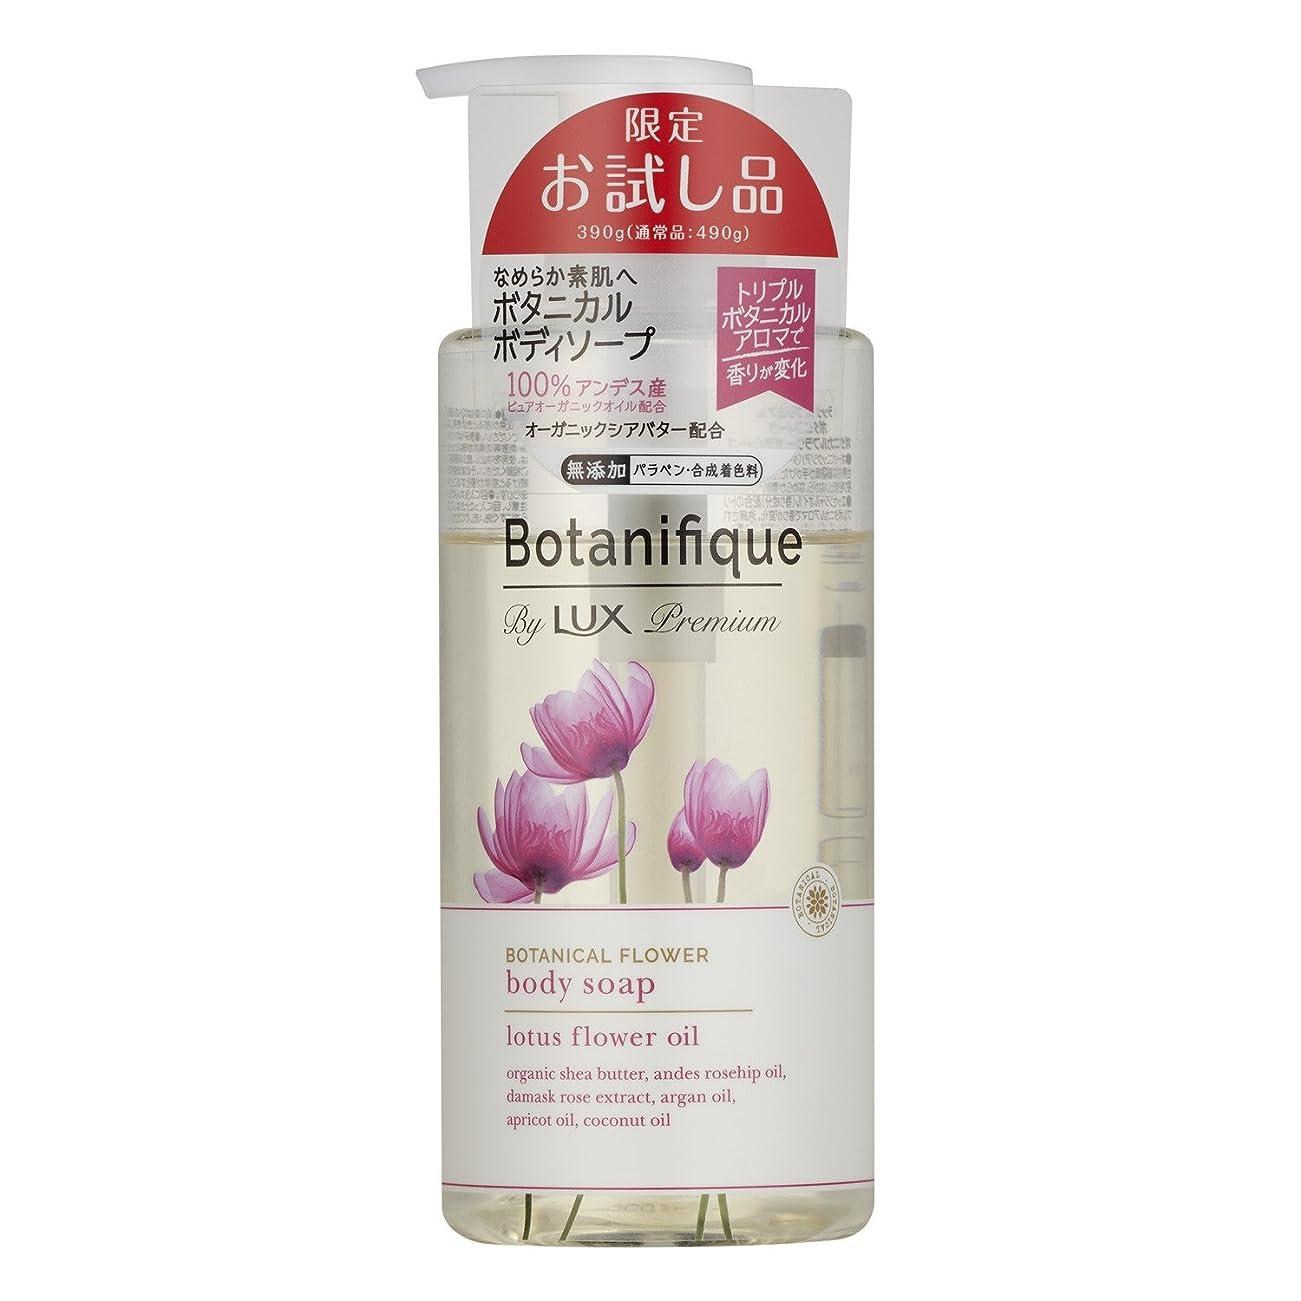 欠席便利反抗ラックス プレミアム ボタニフィーク ボタニカルフラワー ボディソープ ポンプ(ボタニカルフラワーの香り) お試し品 390g